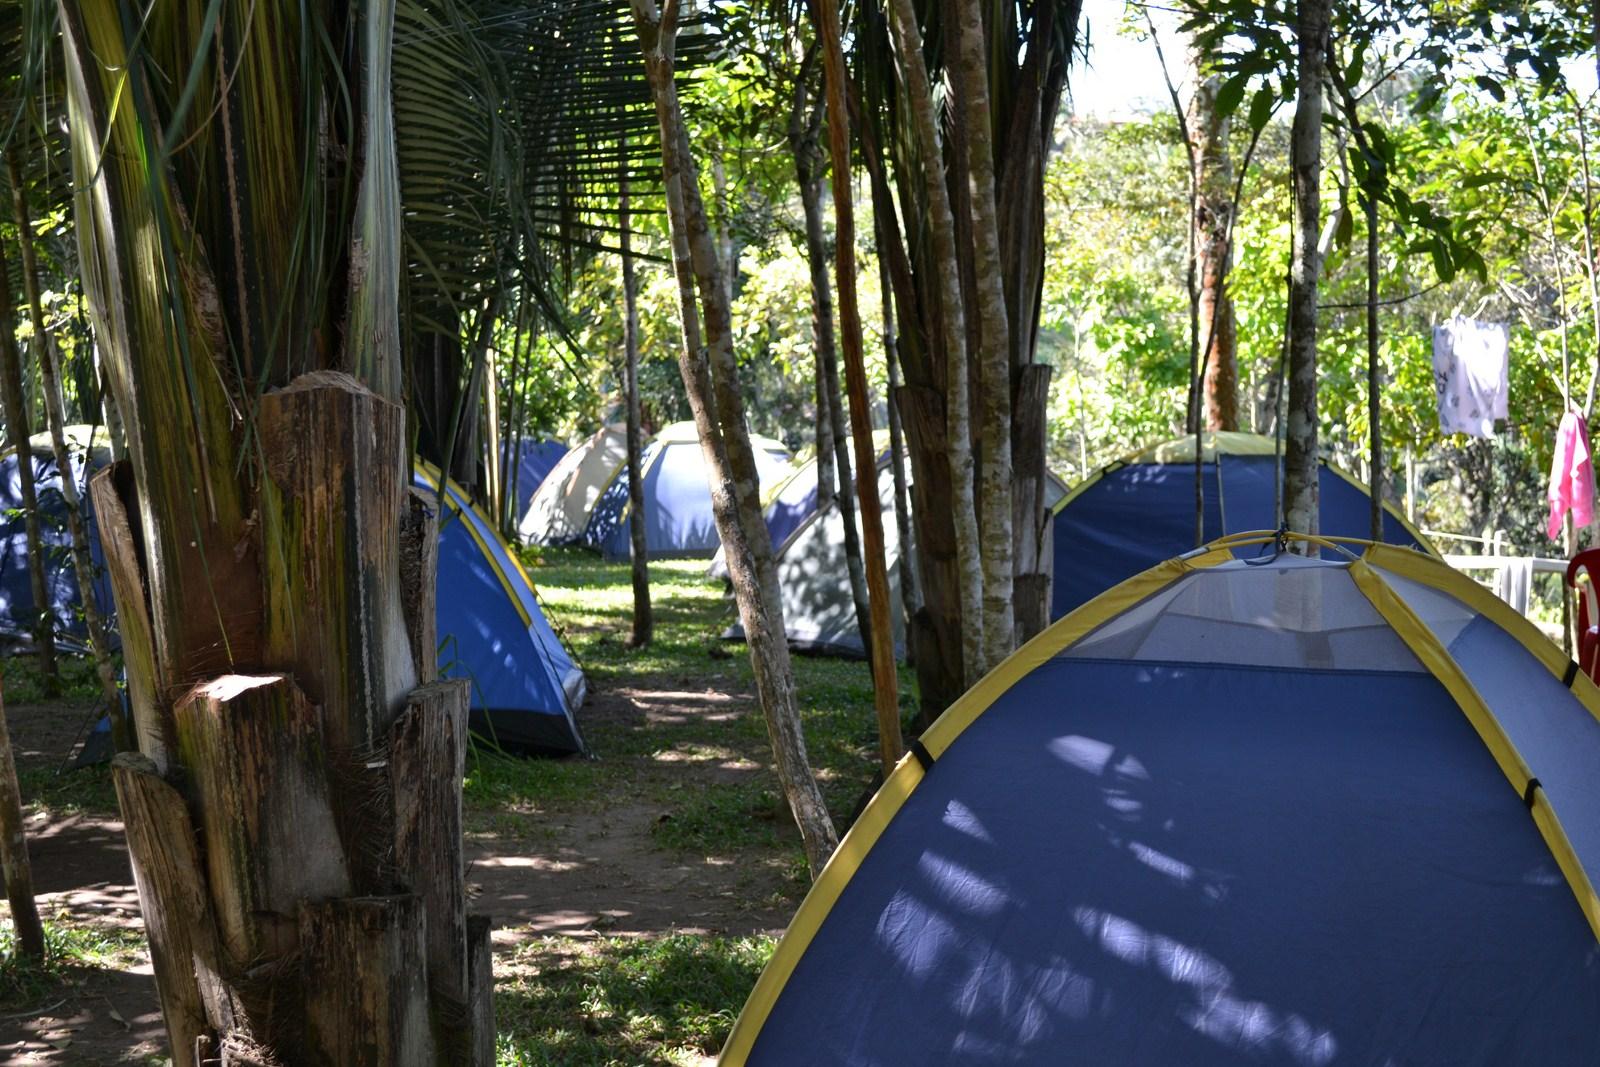 Quer acampar? Conheça 8 locais de camping no Ceará